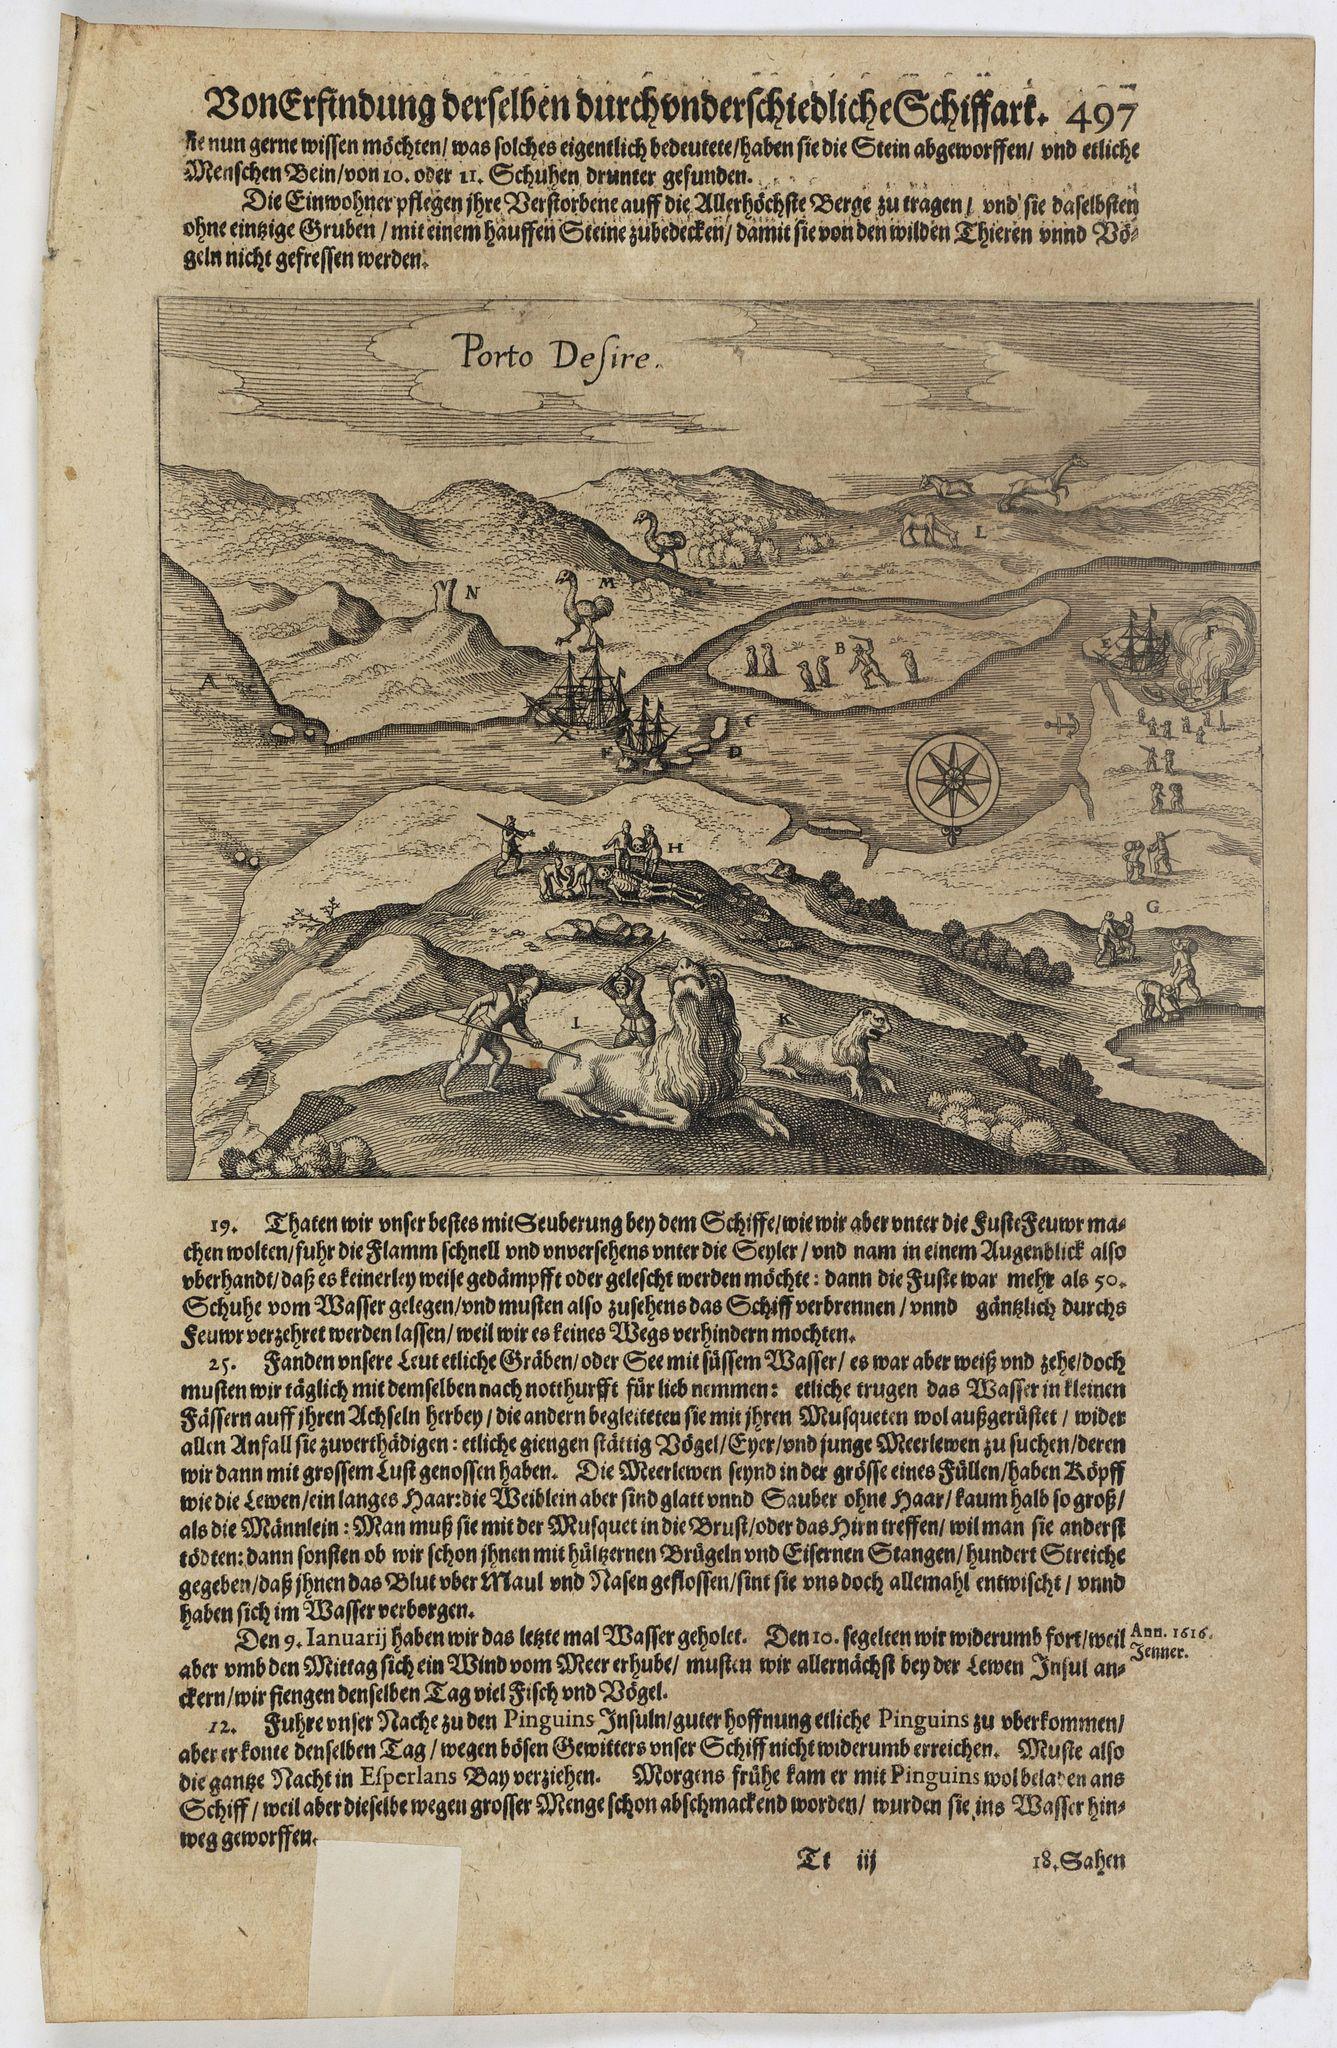 GOTTFRIED, J.L. -  Description de nouveau pasage vers le zud…. together with an untitled map of Port Desire (today's Puerto Deseado, Argentina)